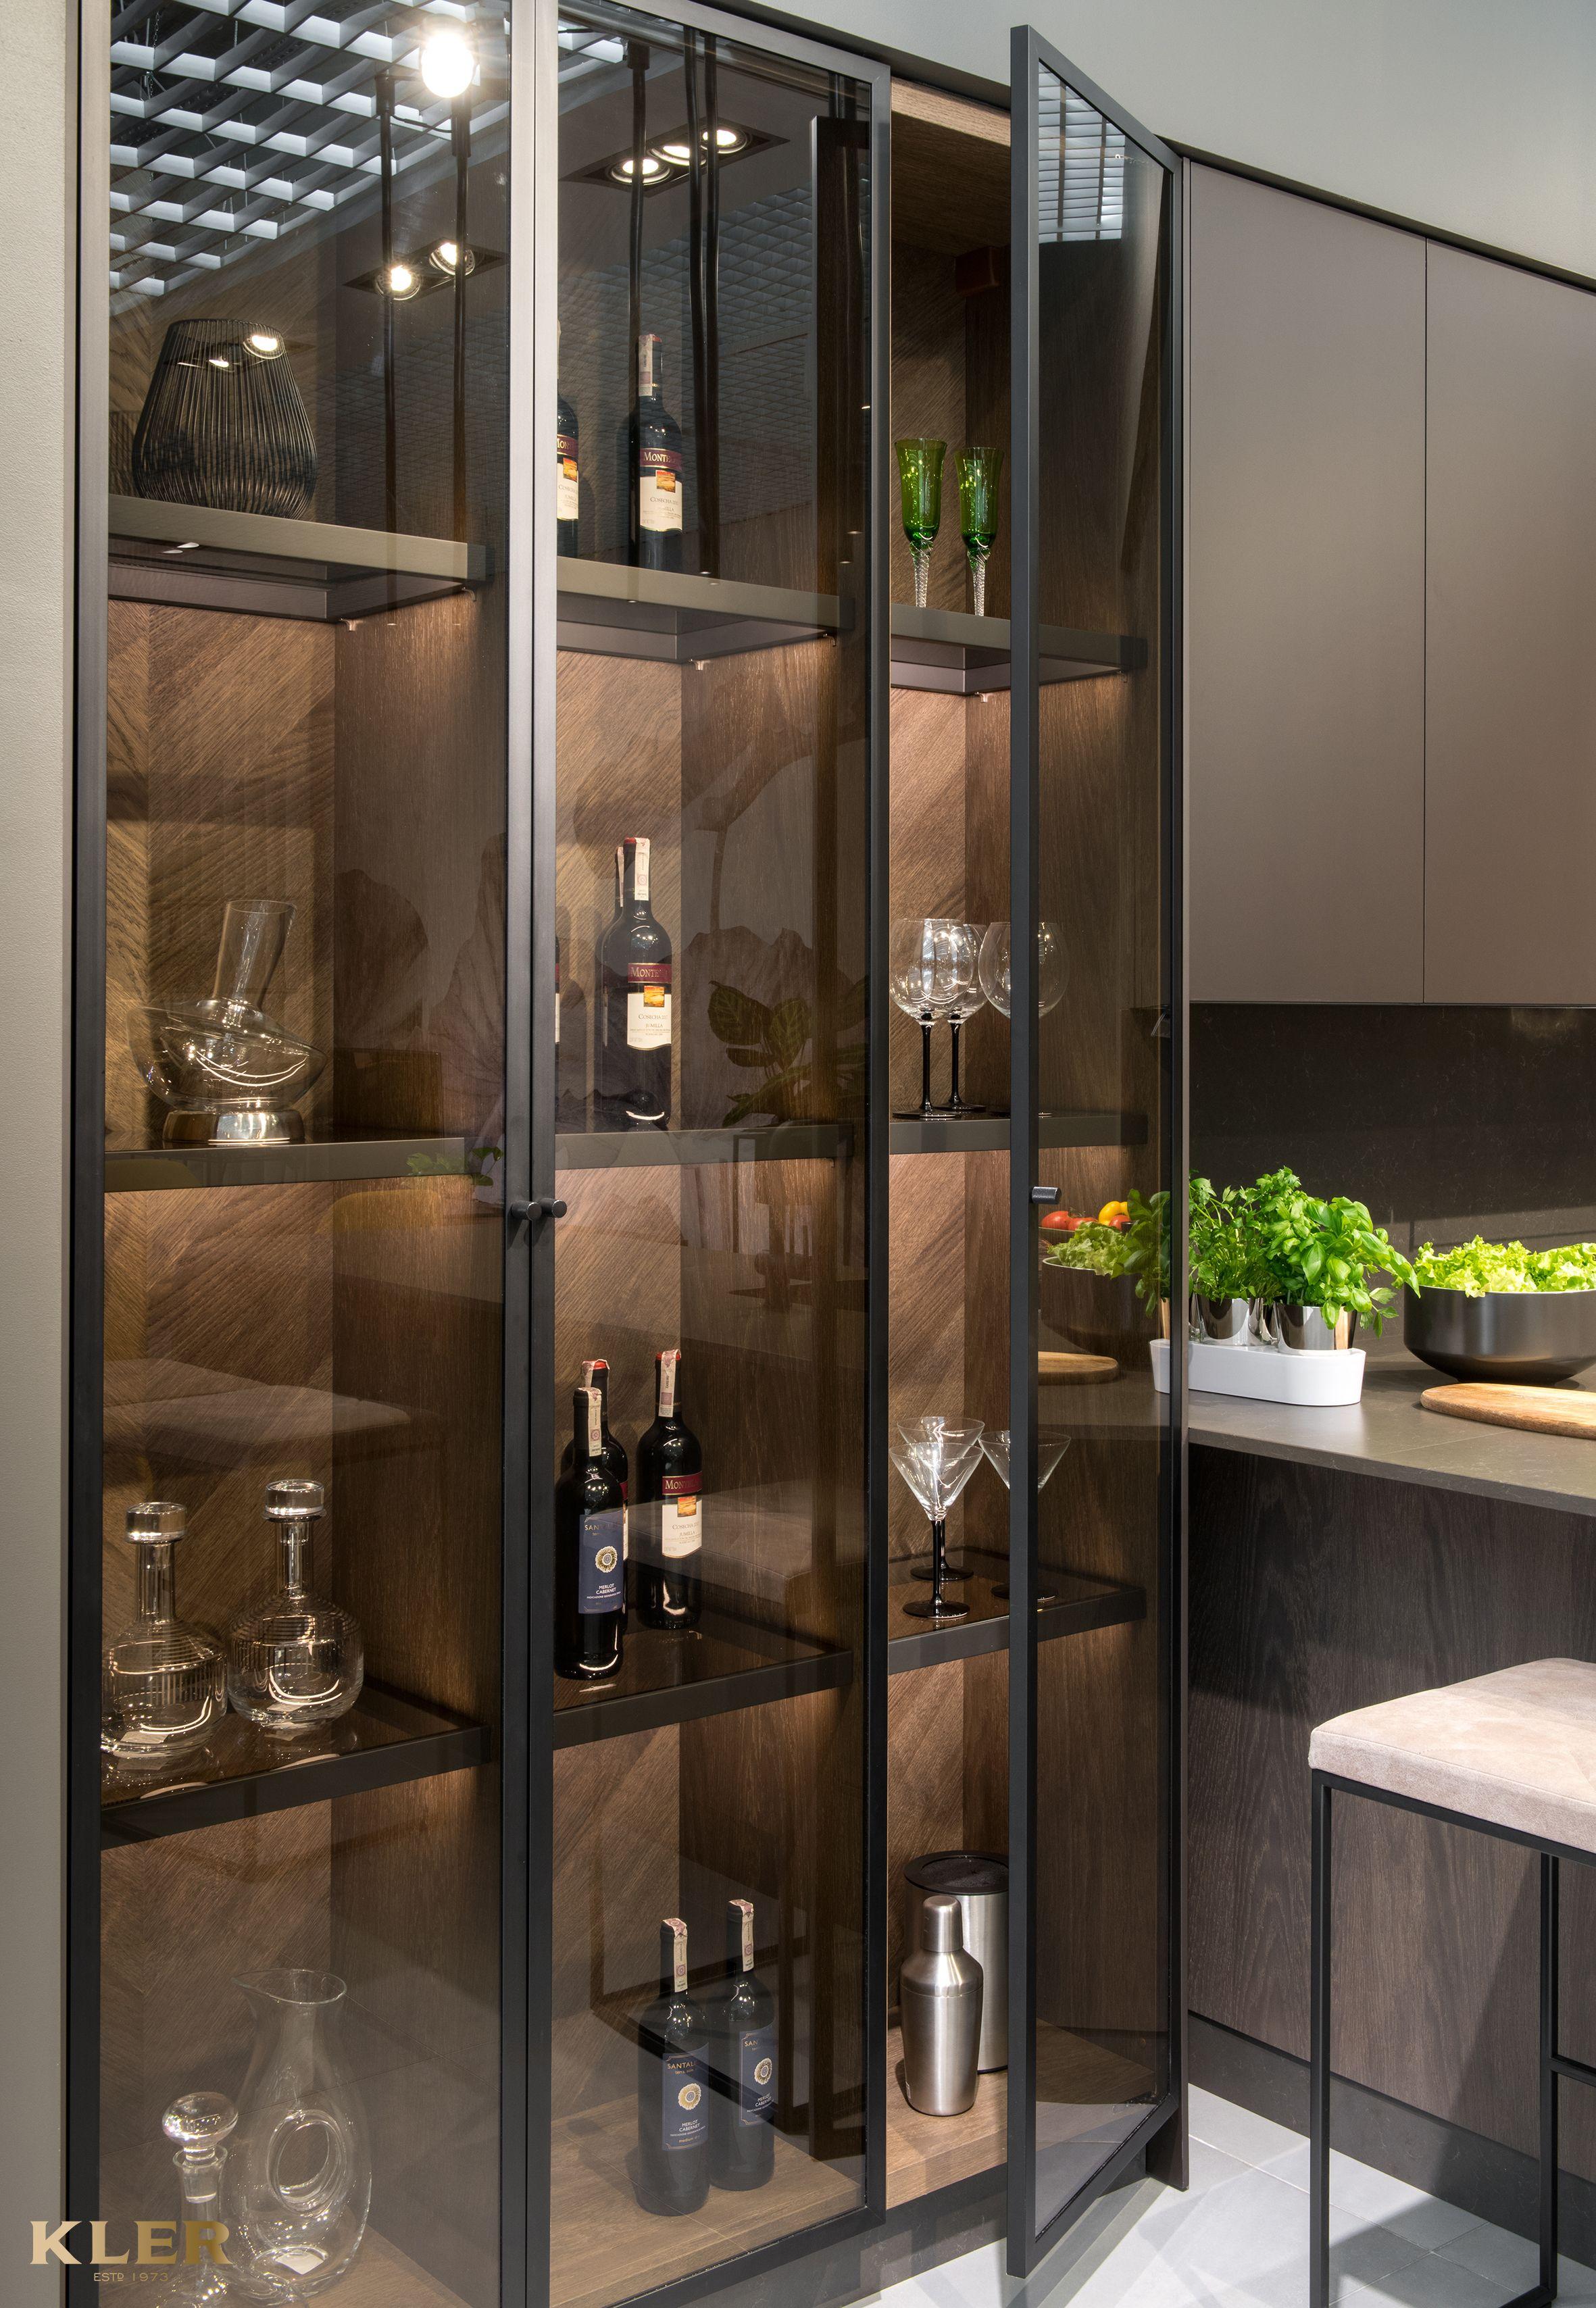 Kuchnia Braz Brown Kler Kitchen Fittings Modern Kitchen Design Glass Showcase